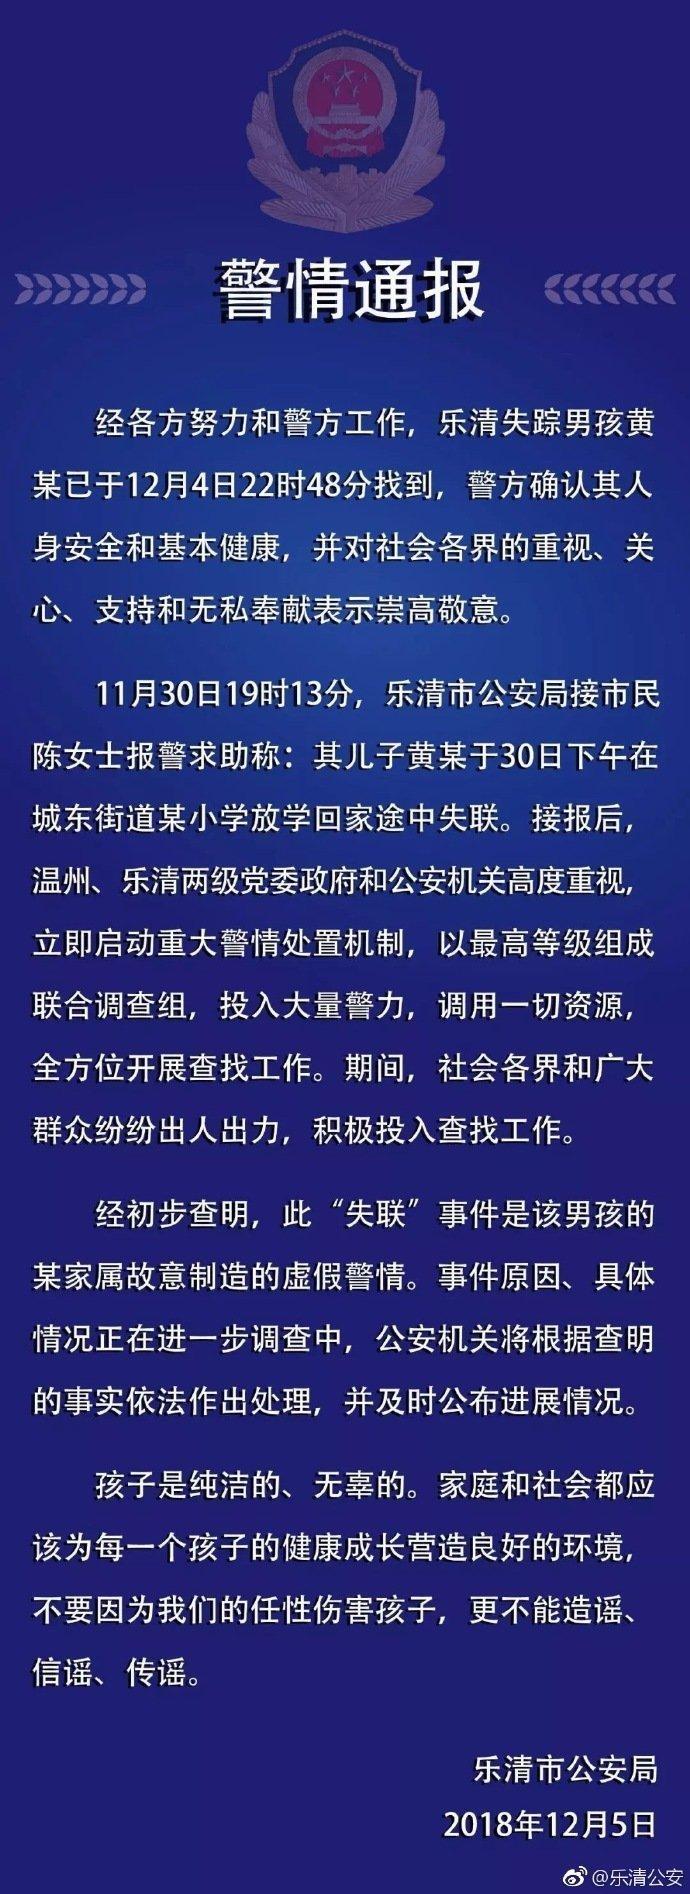 亚洲城_t013b9d61e6fbbc226d.jpg?size=690x1894